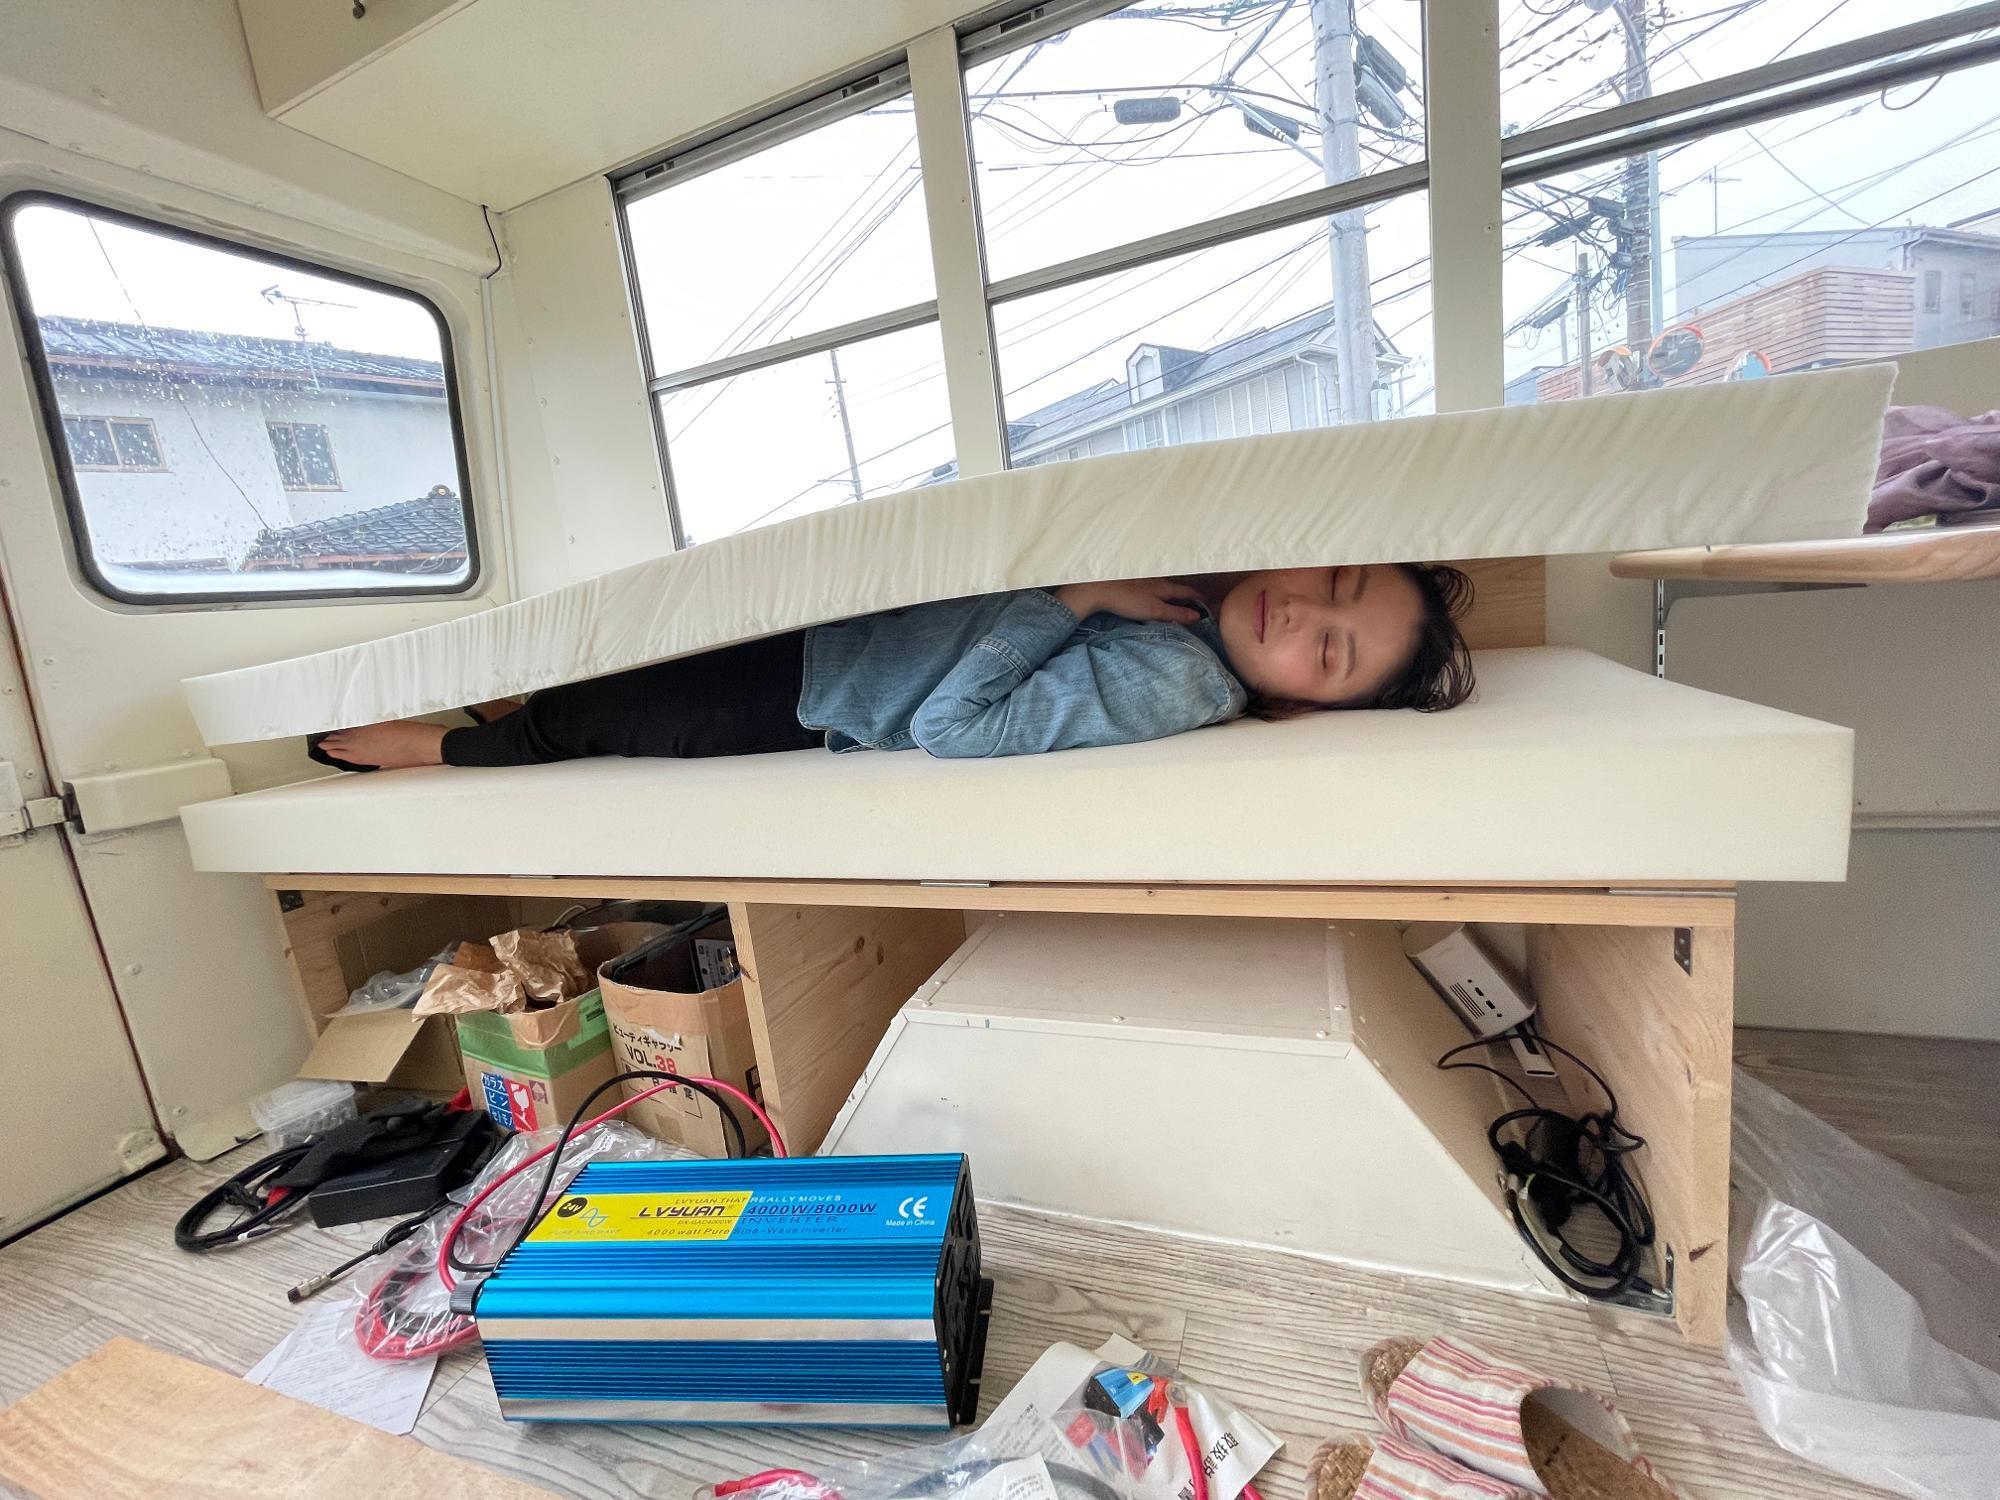 DIY中に爆睡するさあや(本気で寝てます)